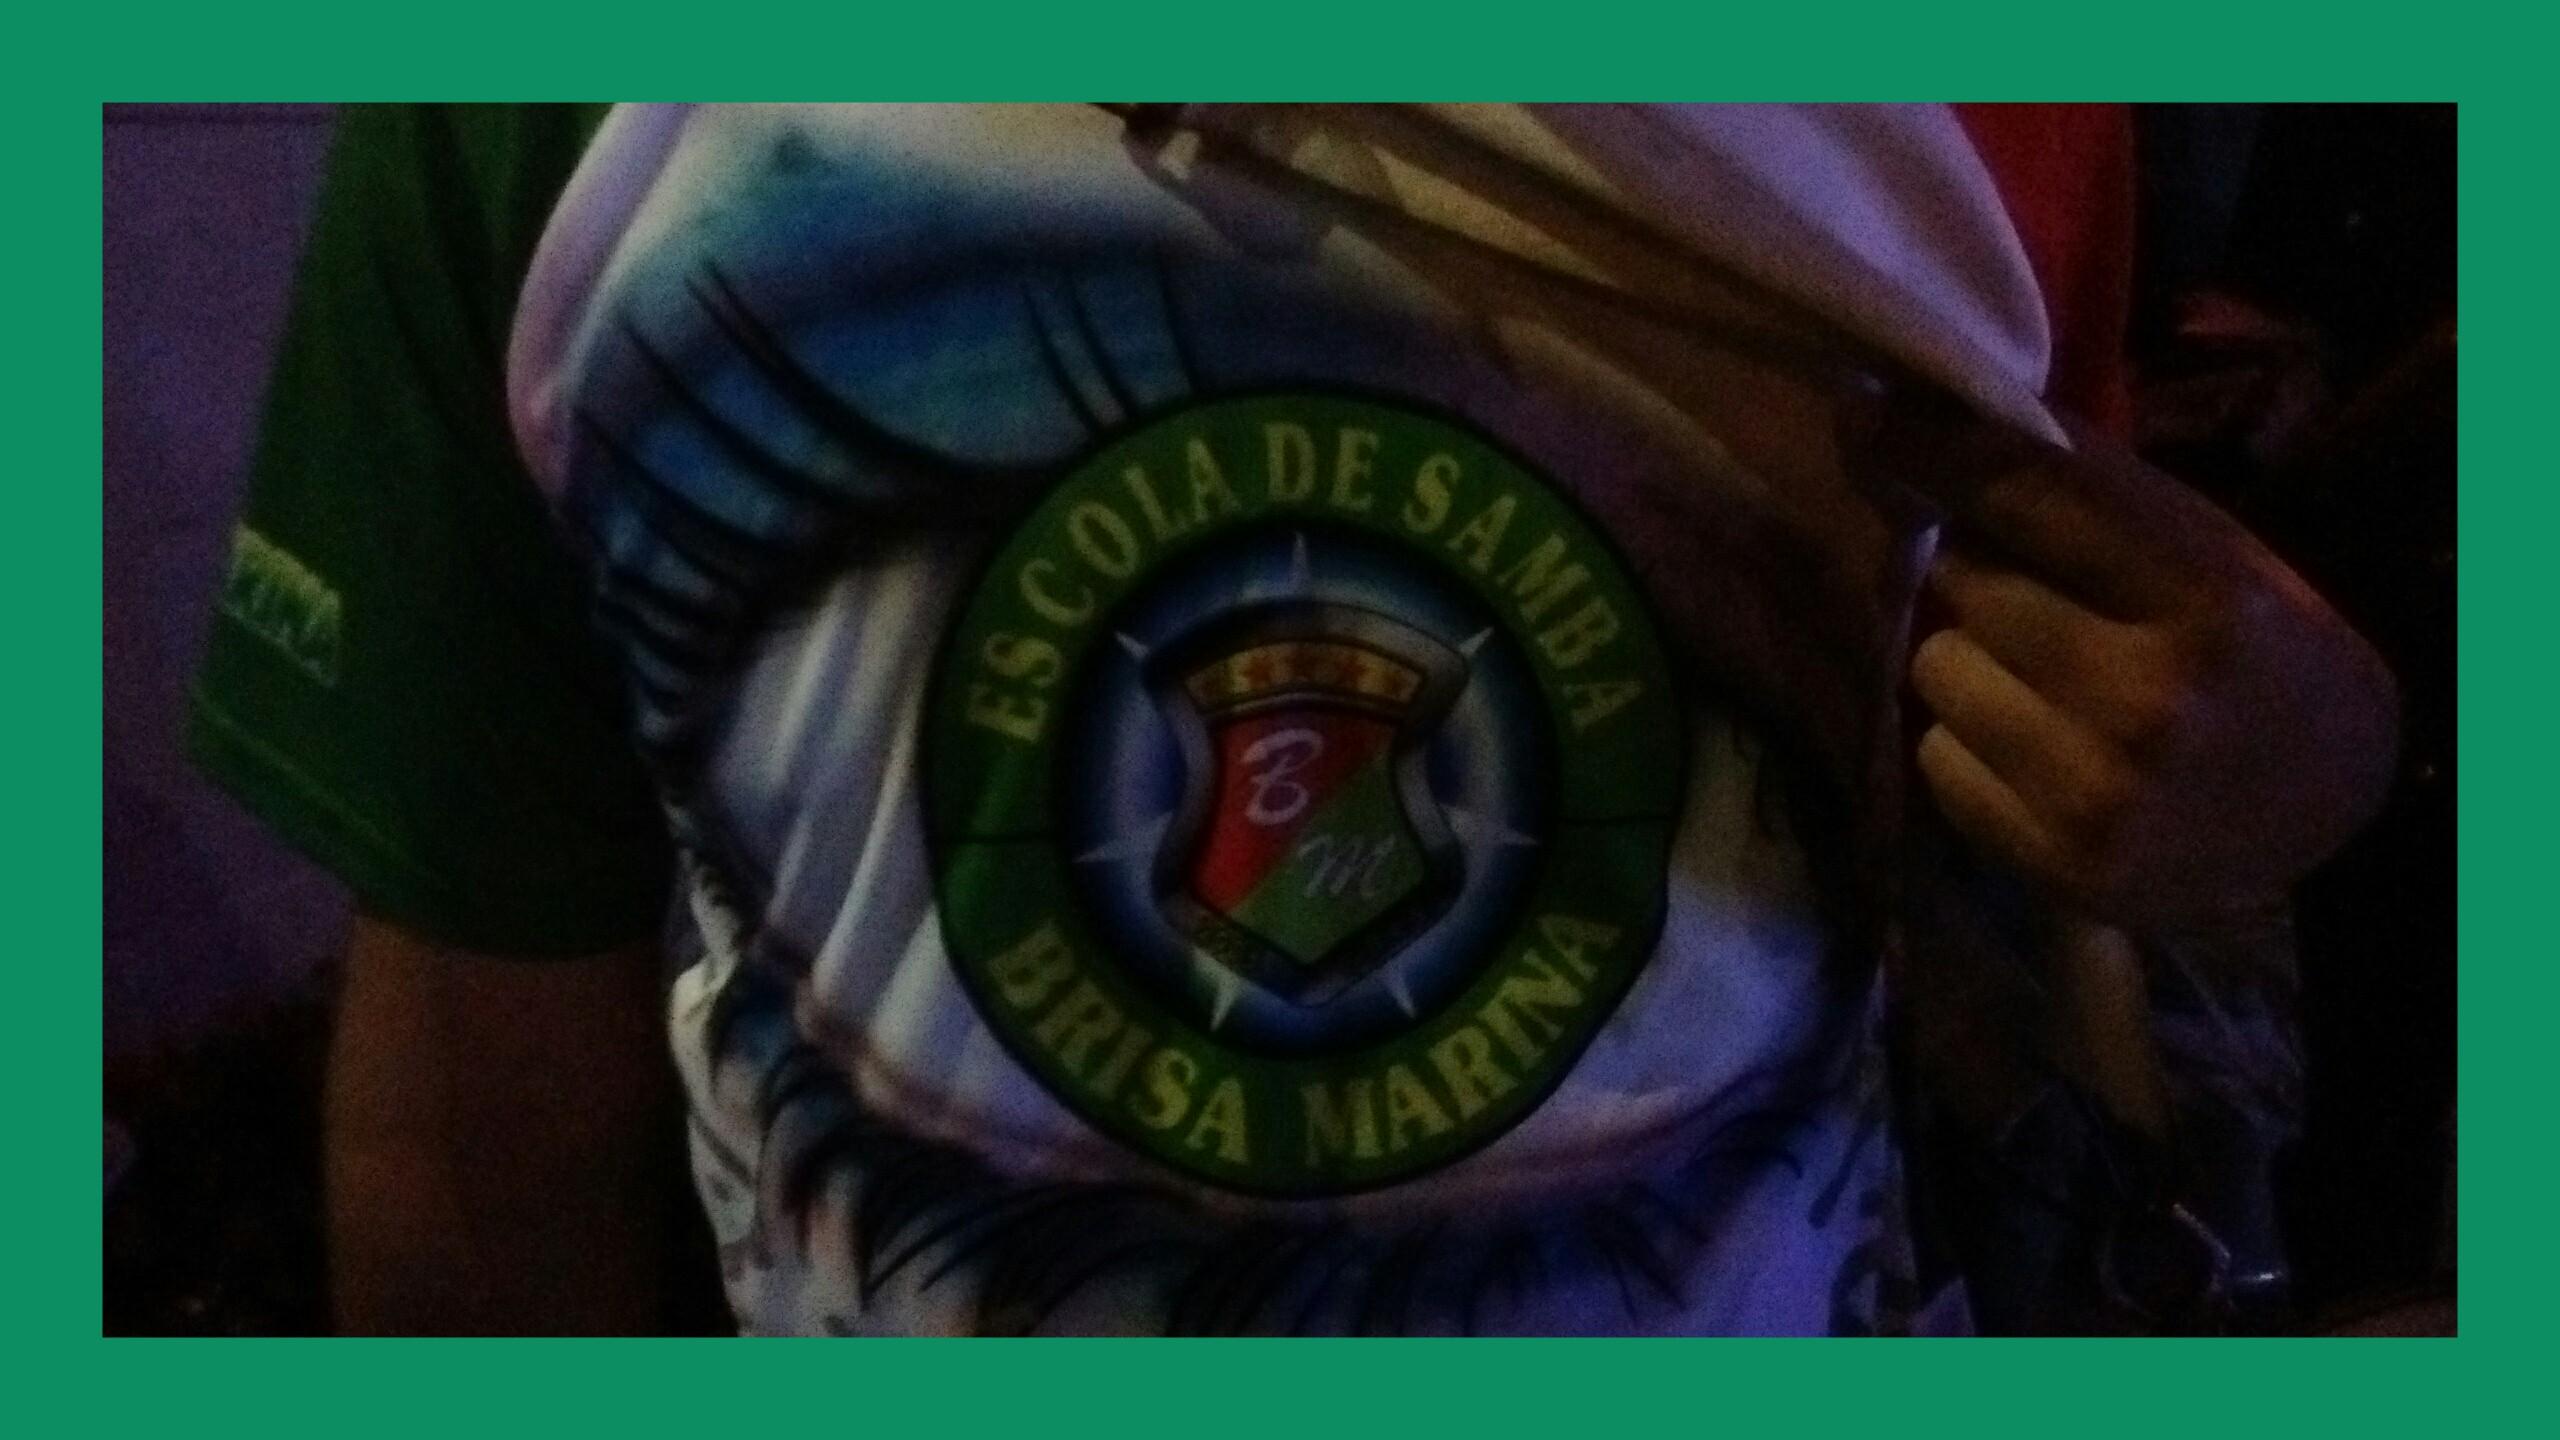 Veracruz_SambaShirt